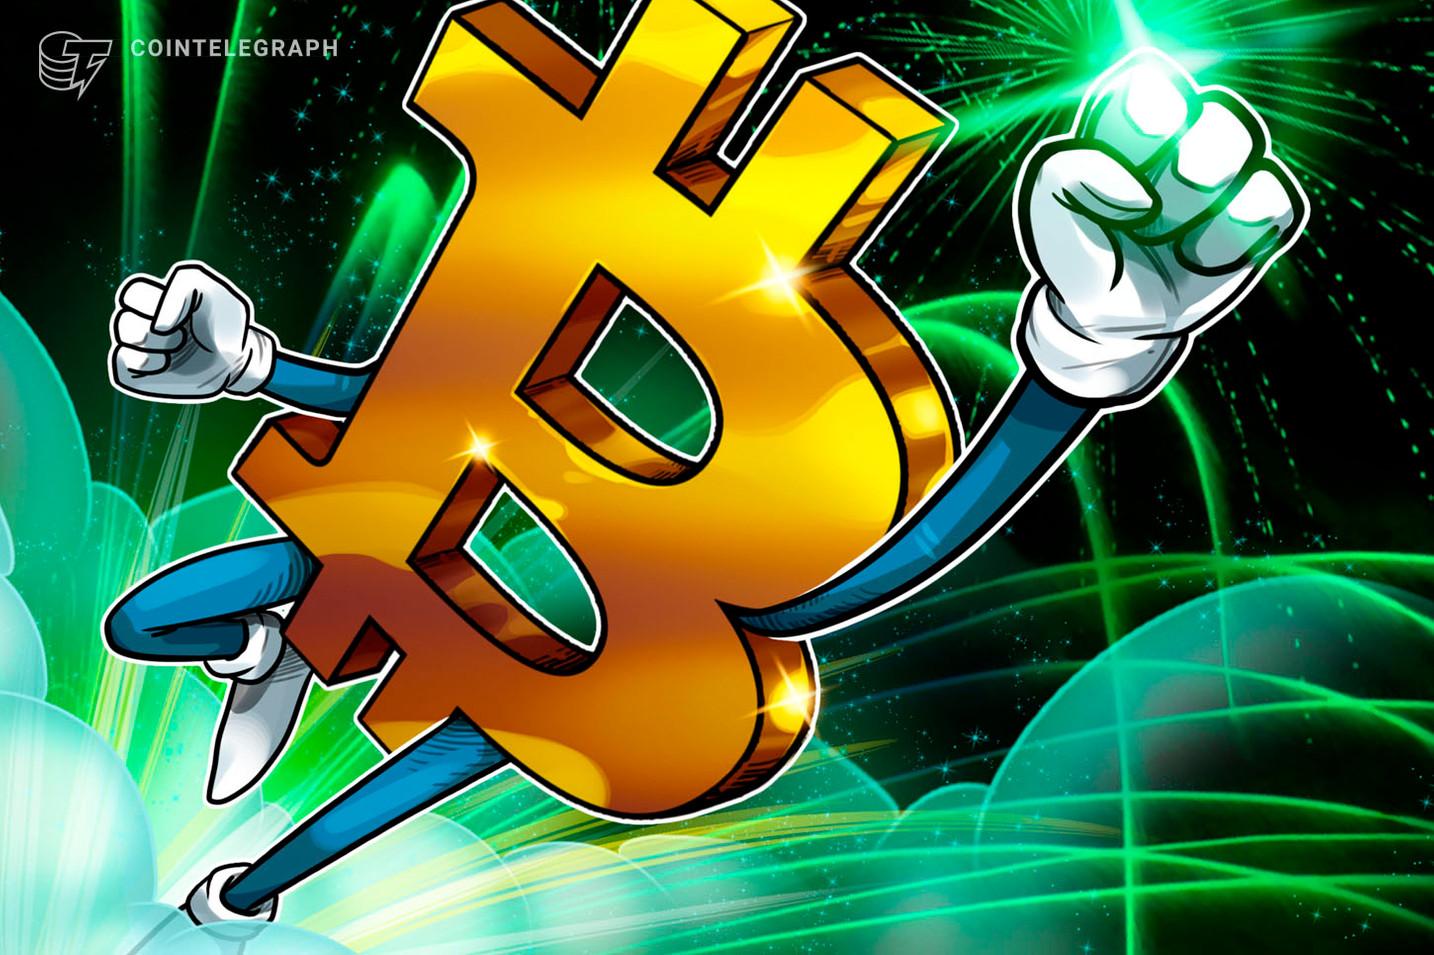 Bitcoin atinge repentinamente $ 60K enquanto uma nova batalha de resistência liquida $ 850M